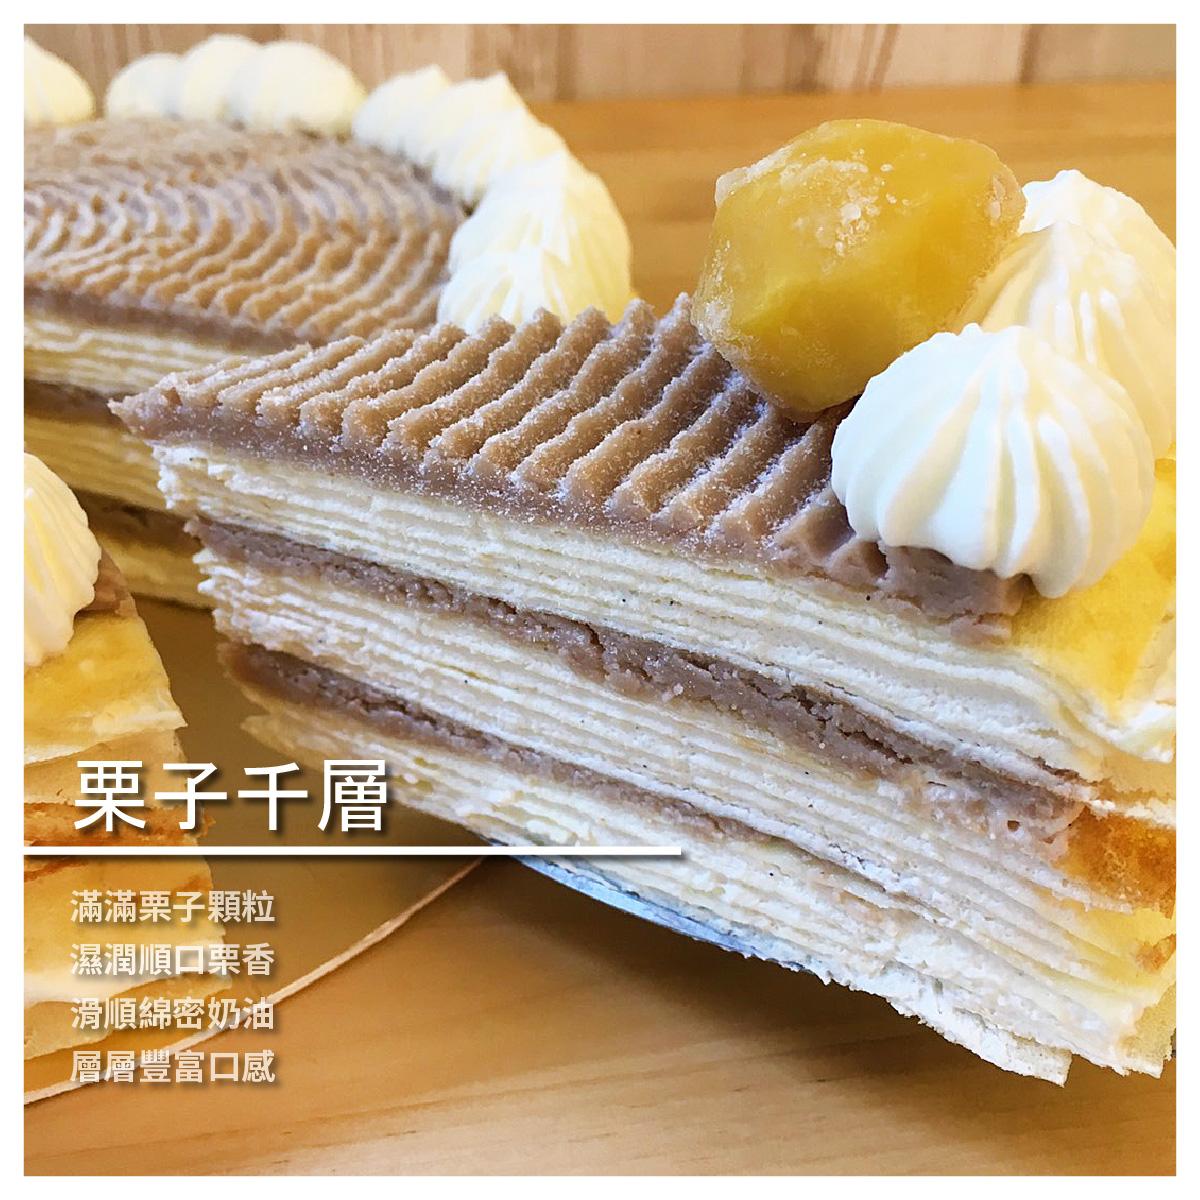 【皮皮pp手作千層蛋糕】栗子千層/8吋